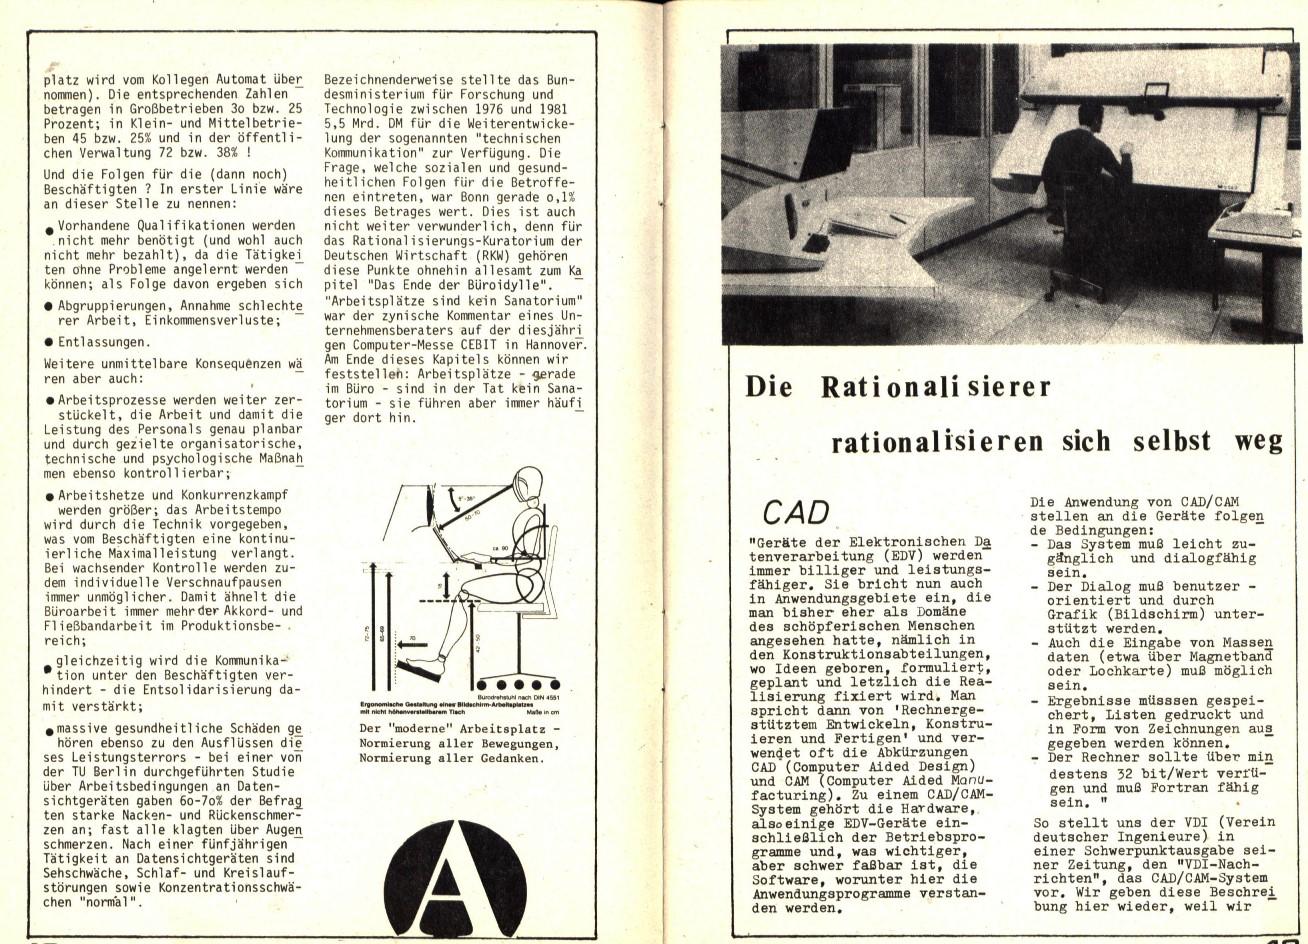 FAU_1990_Die_Roboter_kommen_08